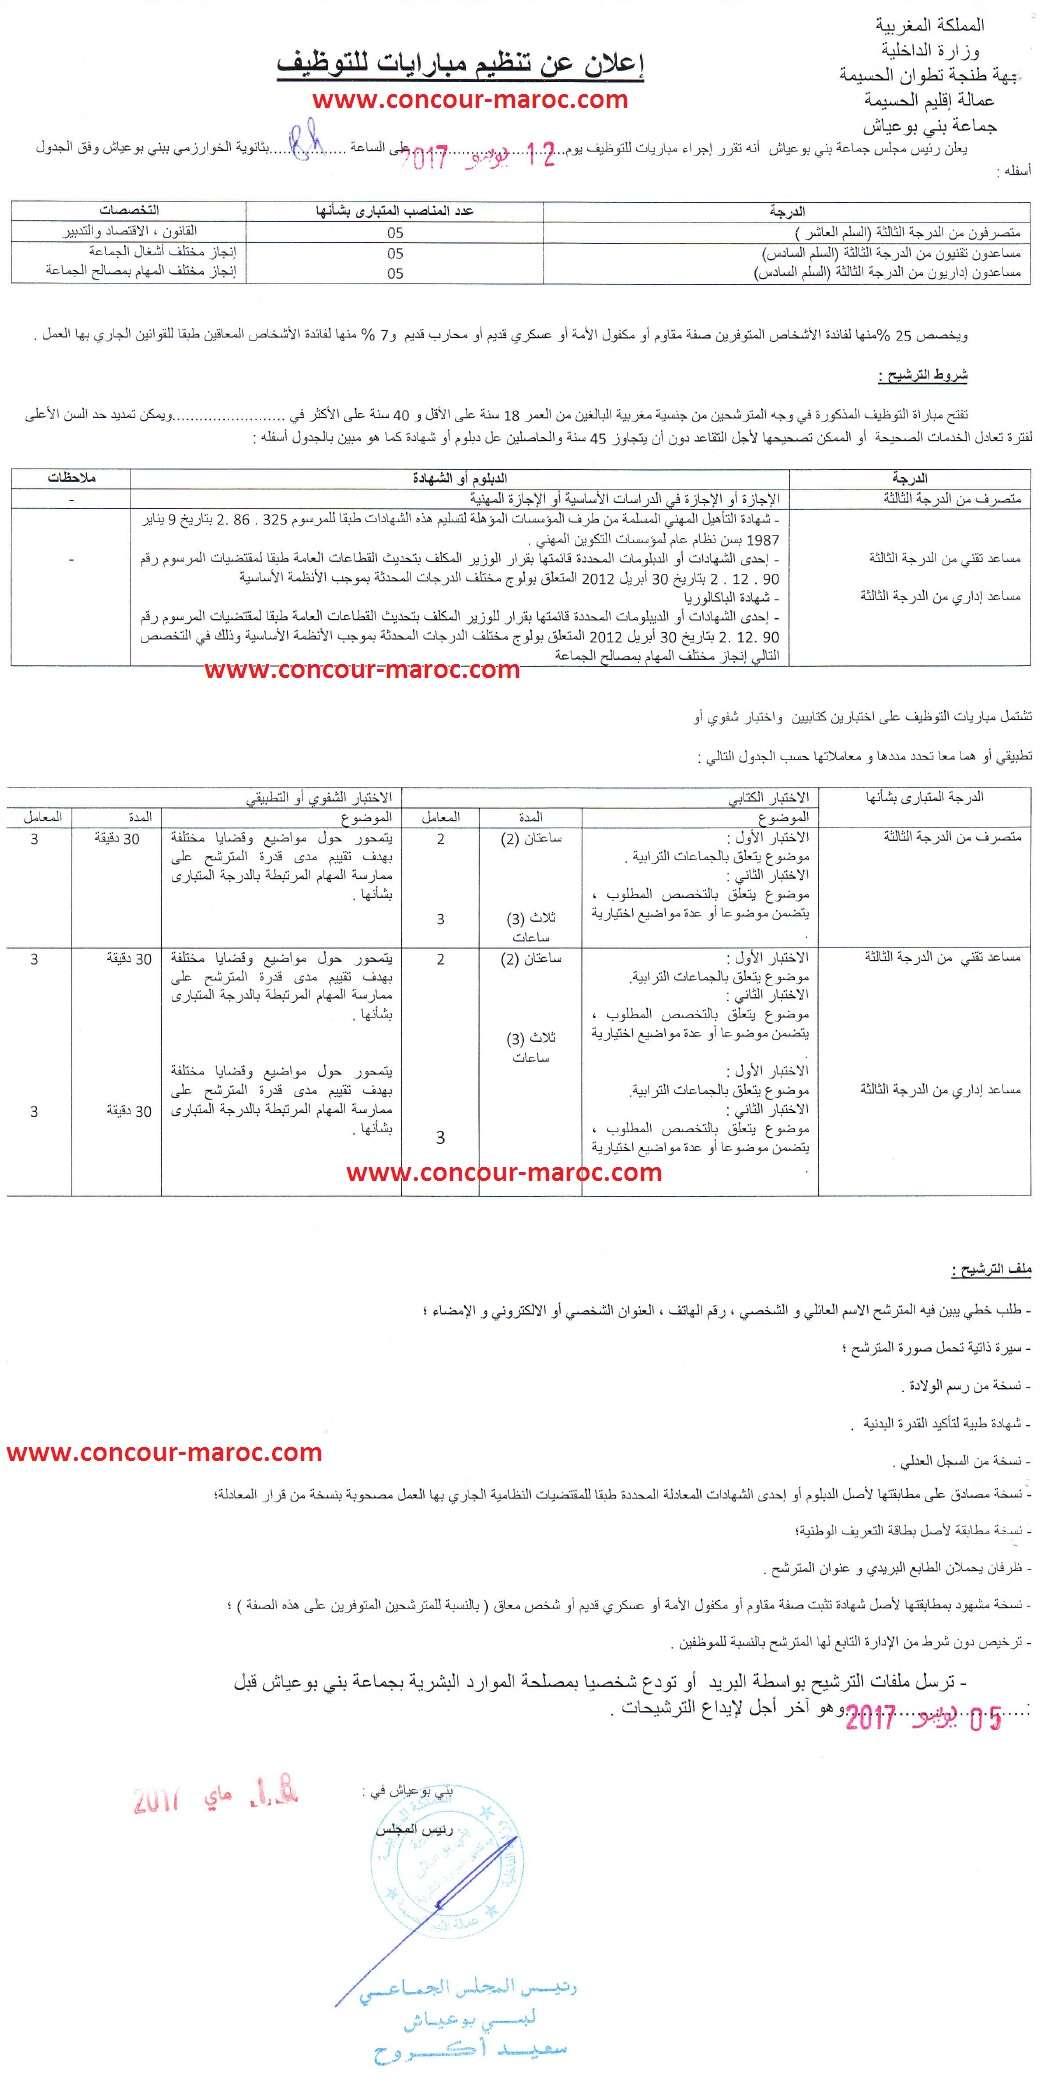 جماعة بني بوعياش (إقليم الحسيمة) : مباراة توظيف في مختلف الدرجات (15 مناصب) آخر أجل لإيداع الترشيحات 5 يونيو 2017 Conco114